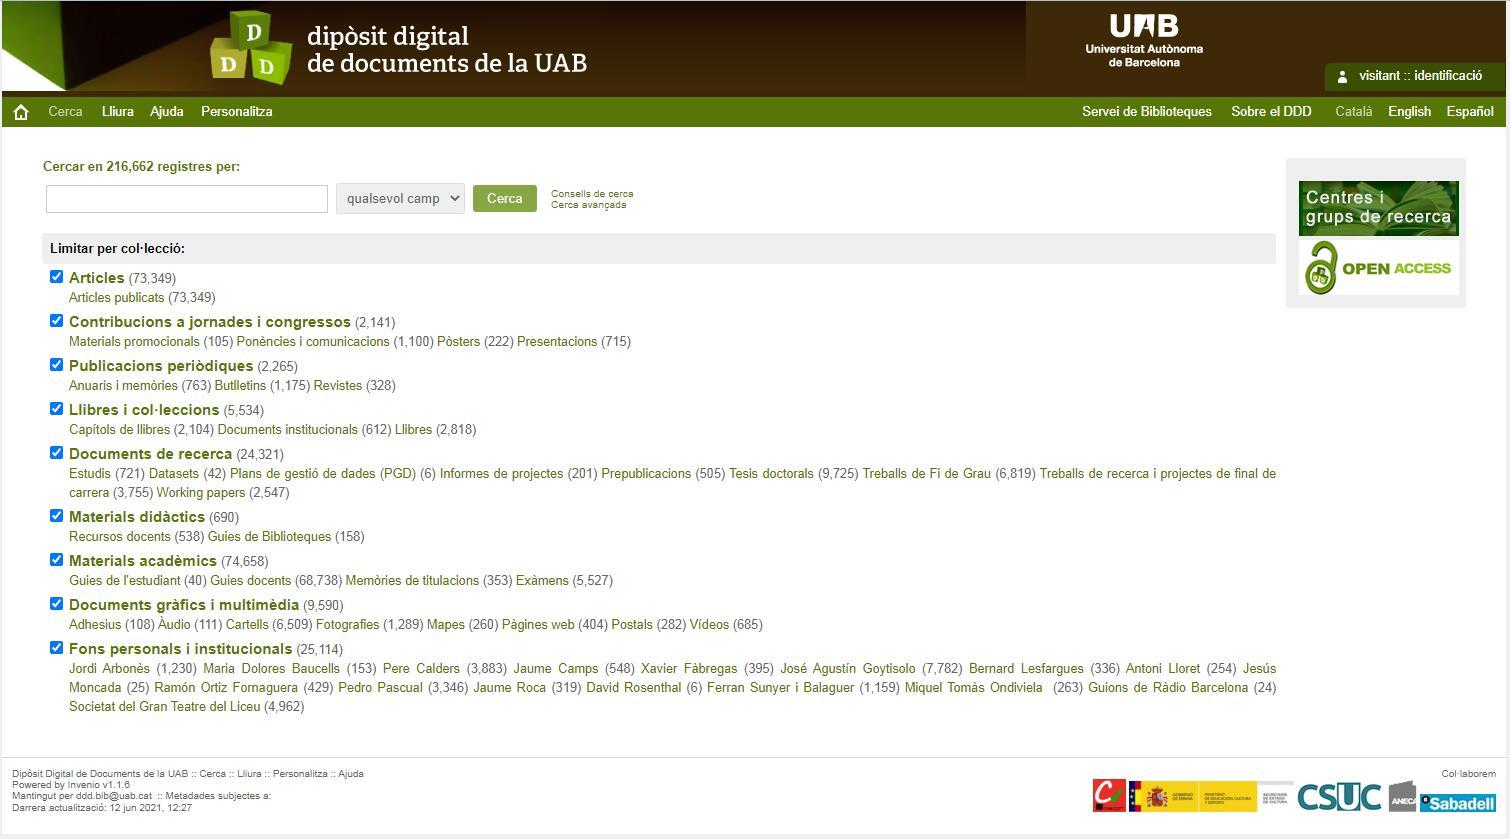 Dipòsit Digital de Documents de la UAB